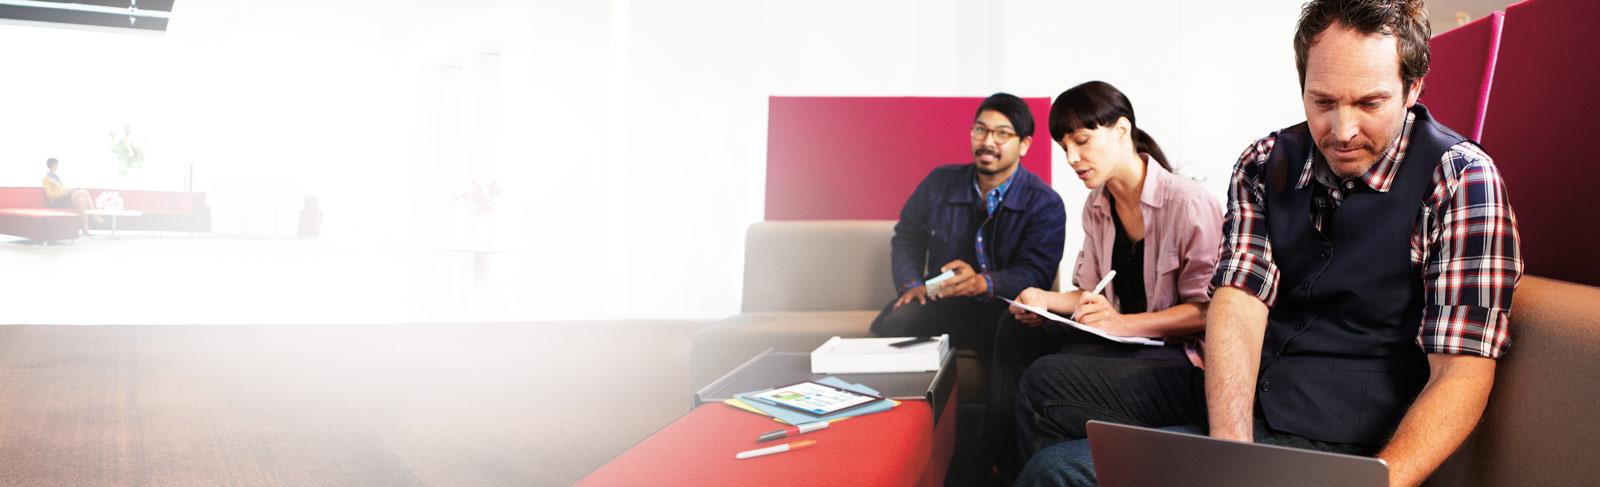 Trei persoane care lucrează cu un laptop și carnete utilizând SharePoint Online.